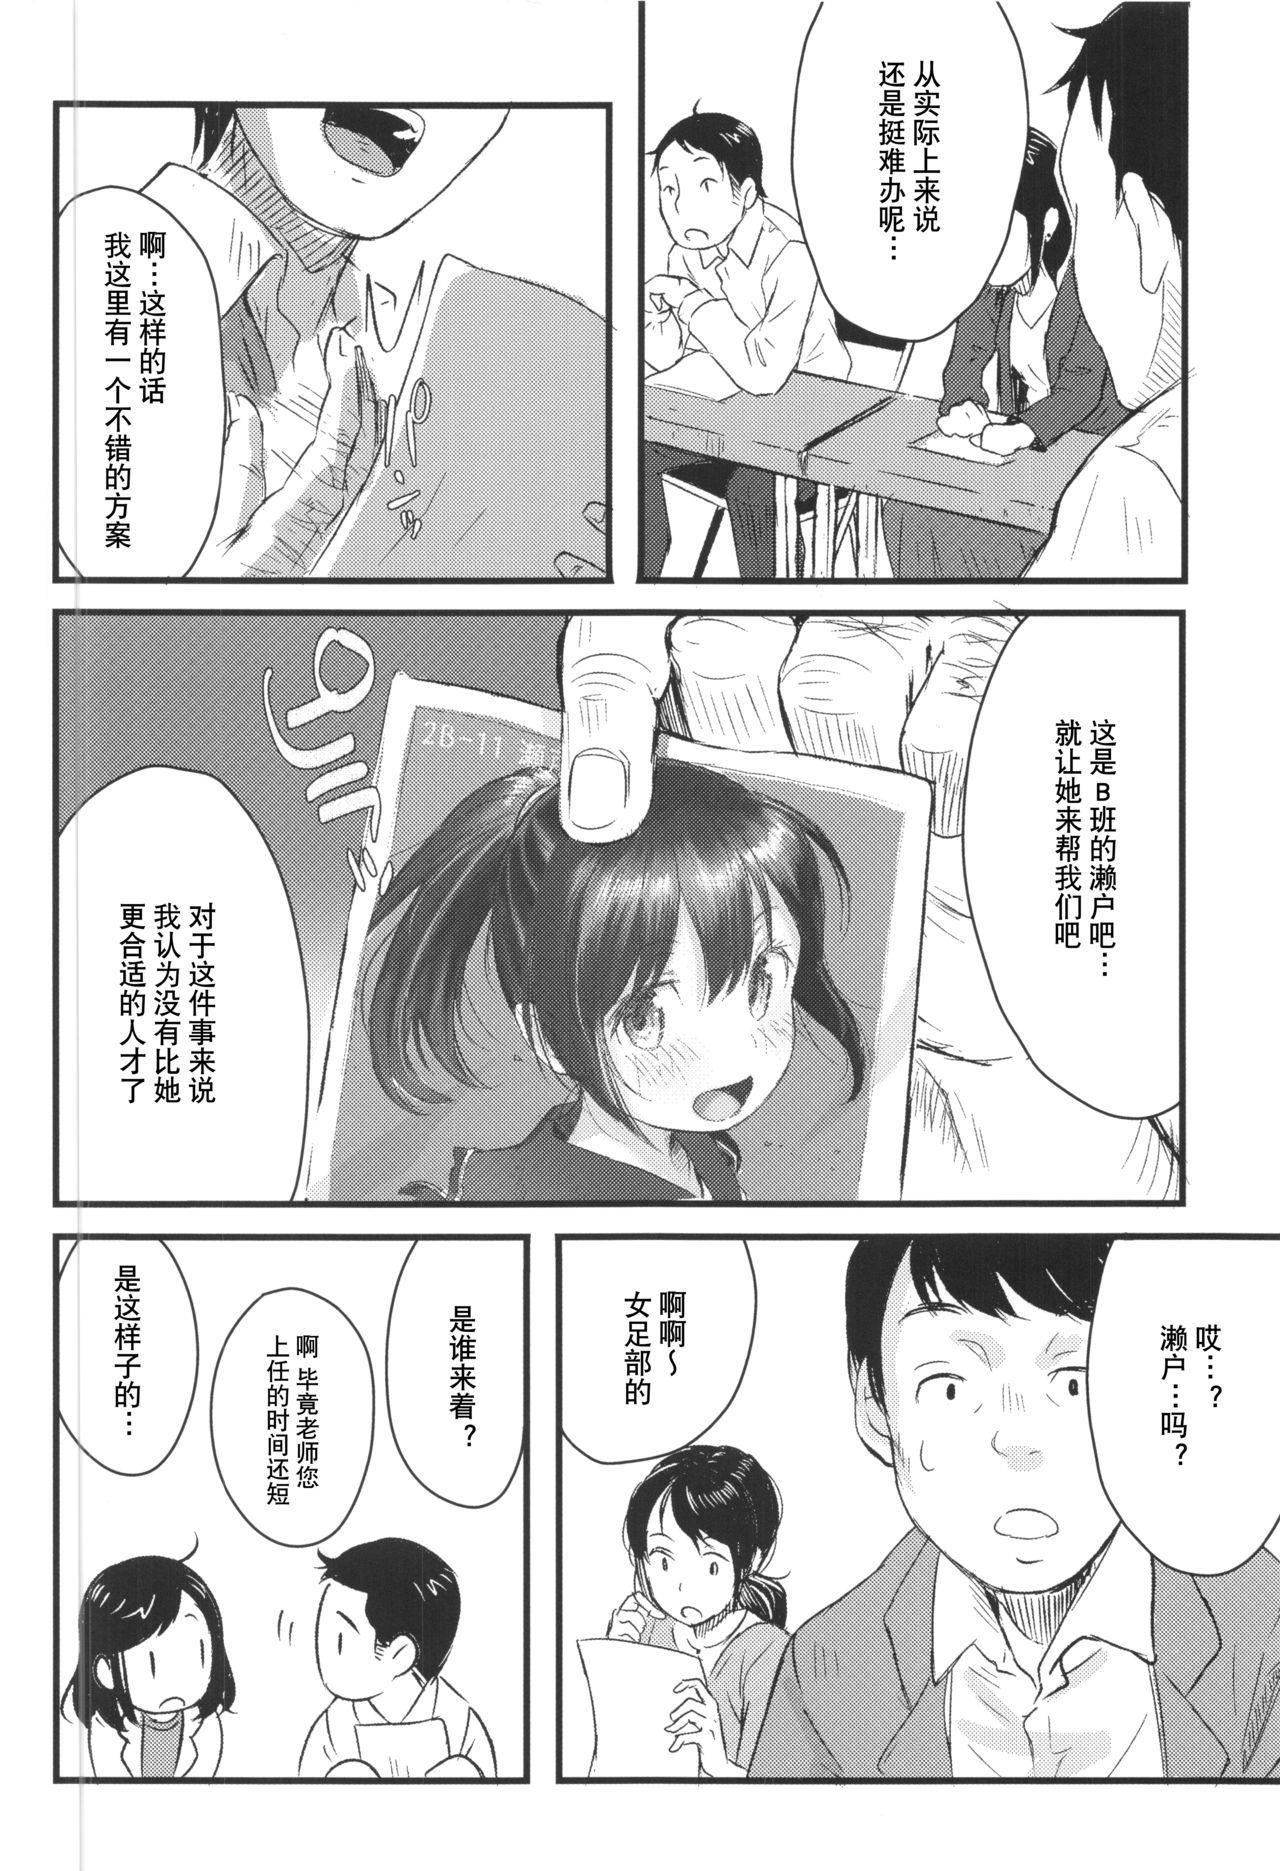 ©-sei de Manabu, Tadashii Sex Kouza 5